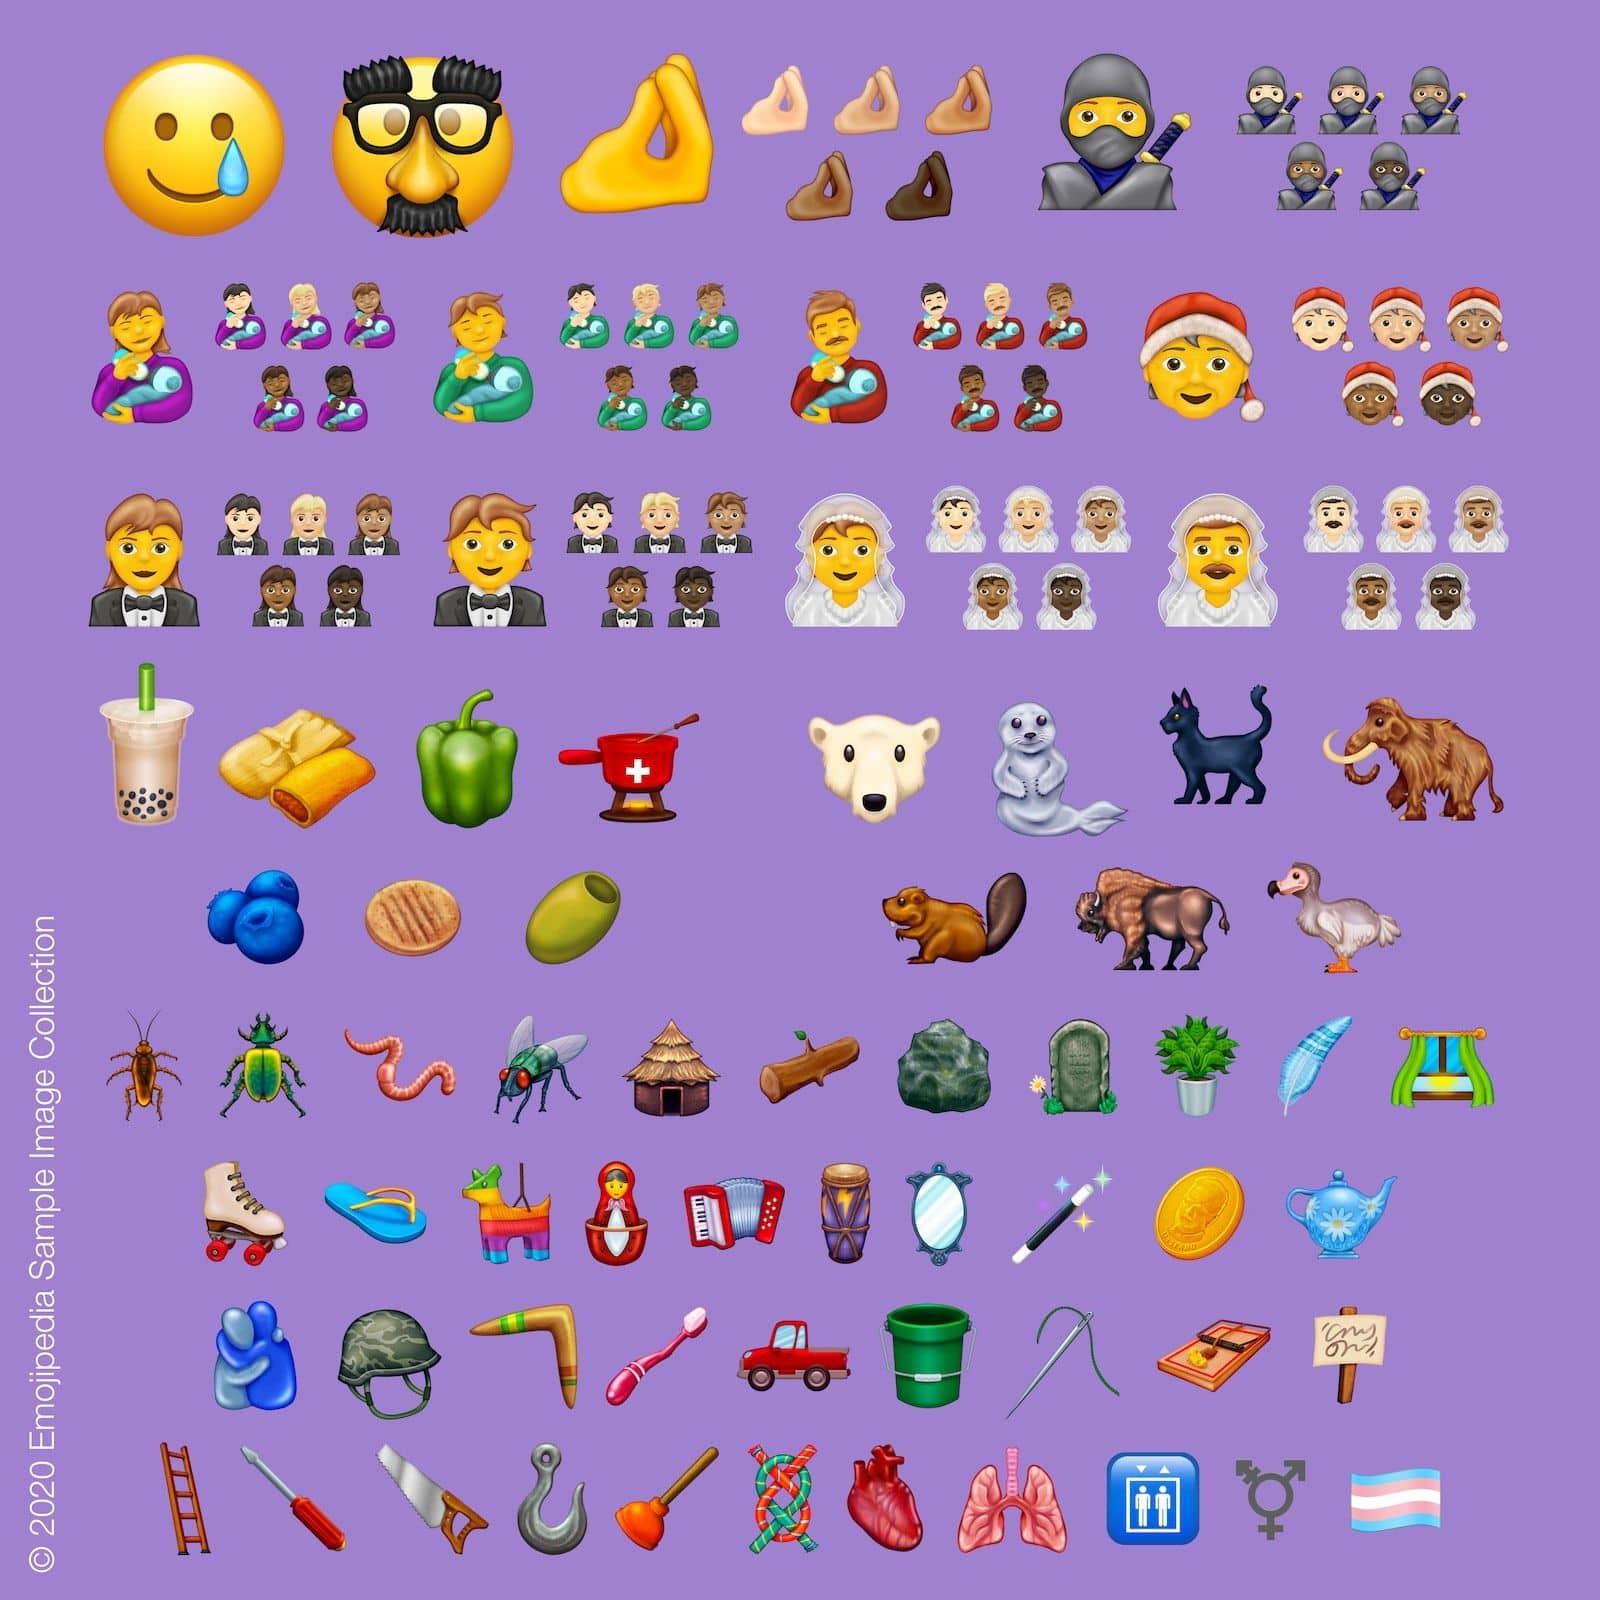 Illustration av de emojis som kommer att släppas under 2020, bild lånad från Emojipedia.org (© Emojipedia).